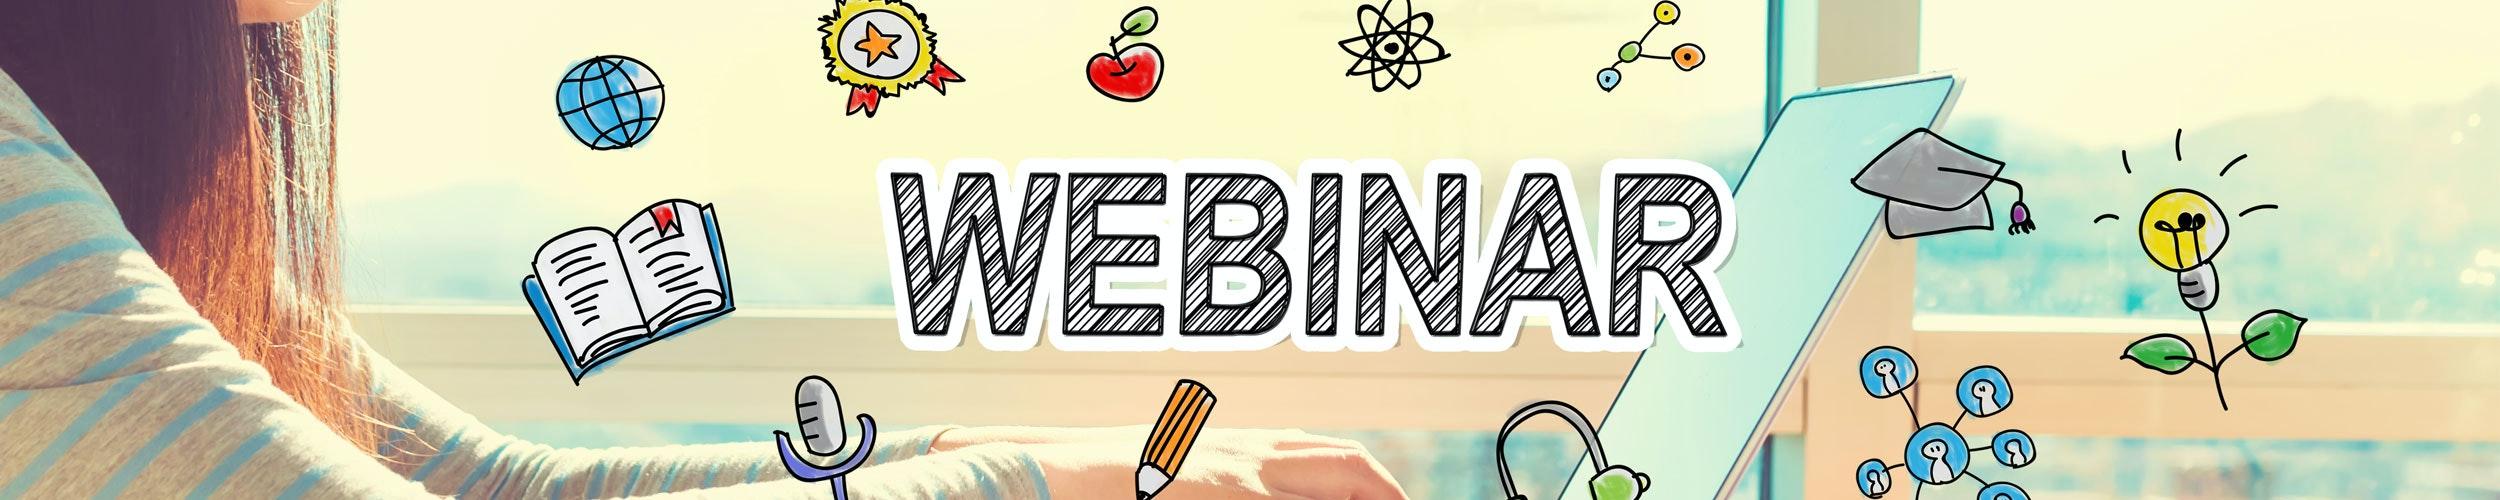 Live Webinar Schueleraustausch